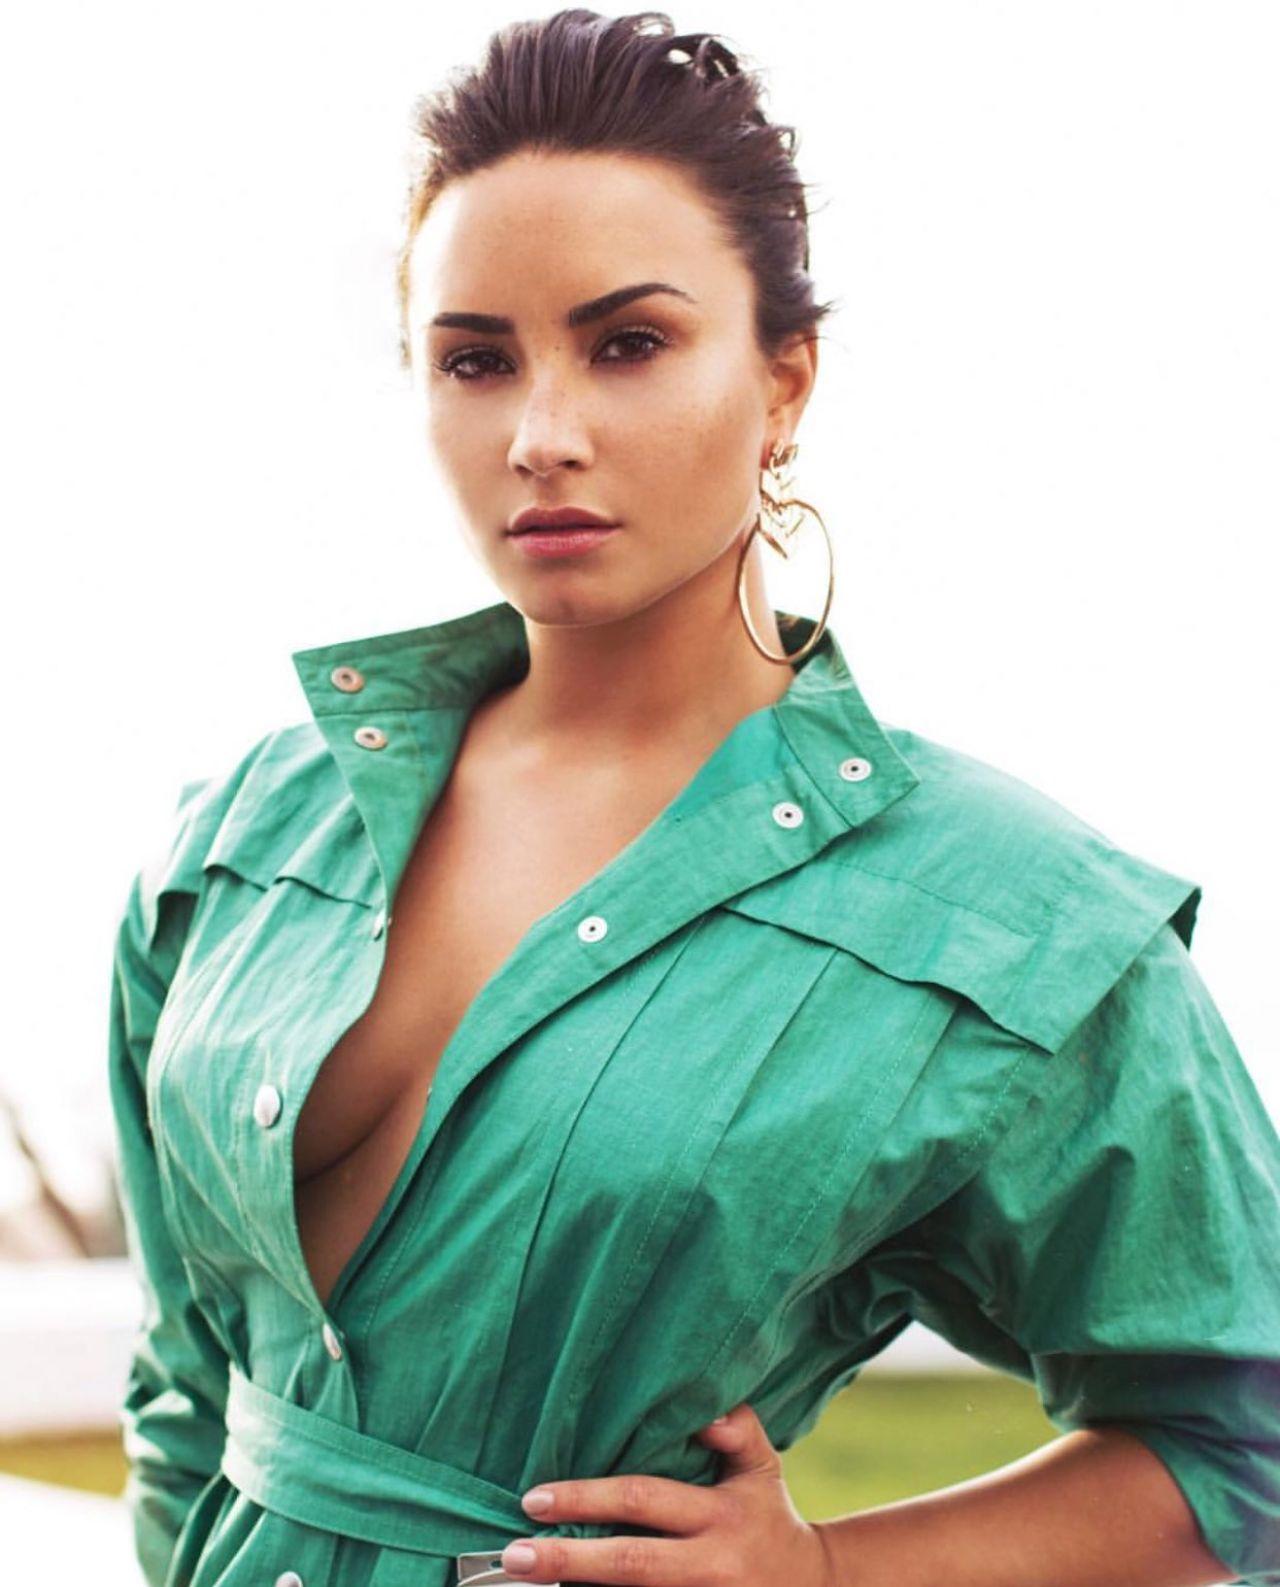 Demi Lovato Social Media Red Carpet